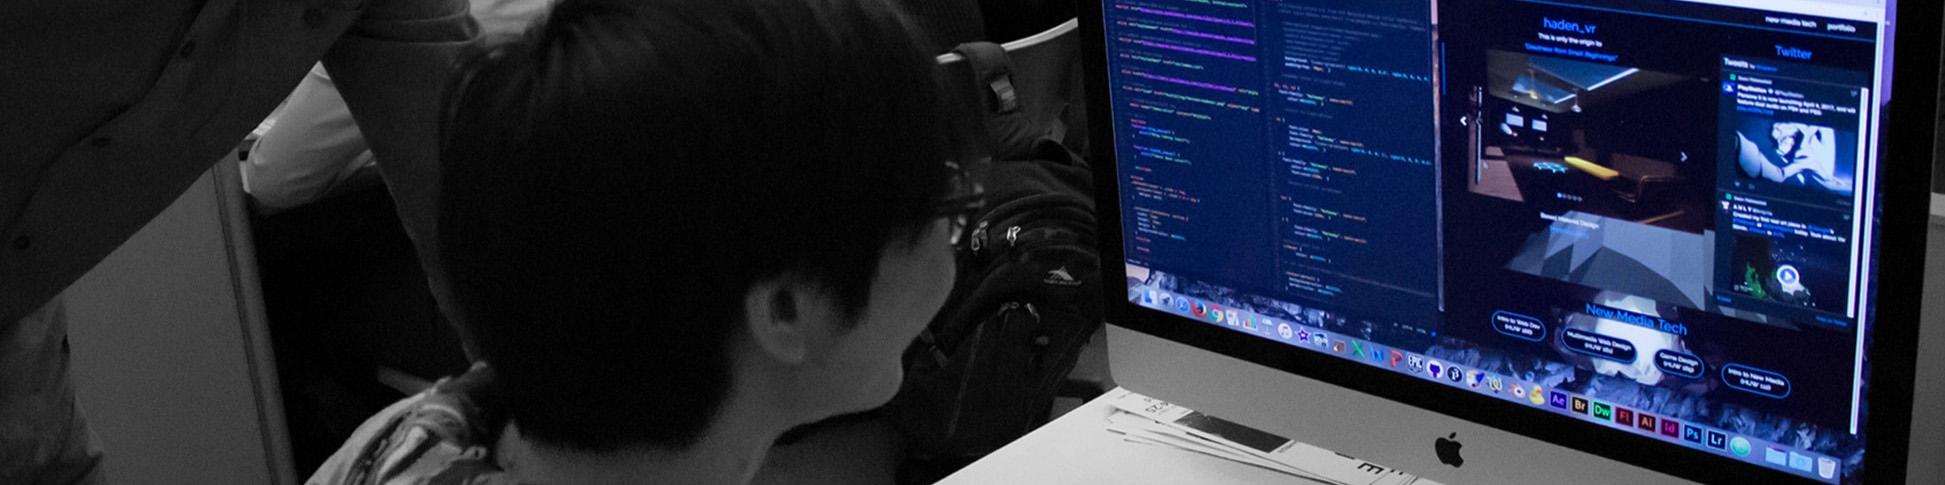 TechHire - Open Code